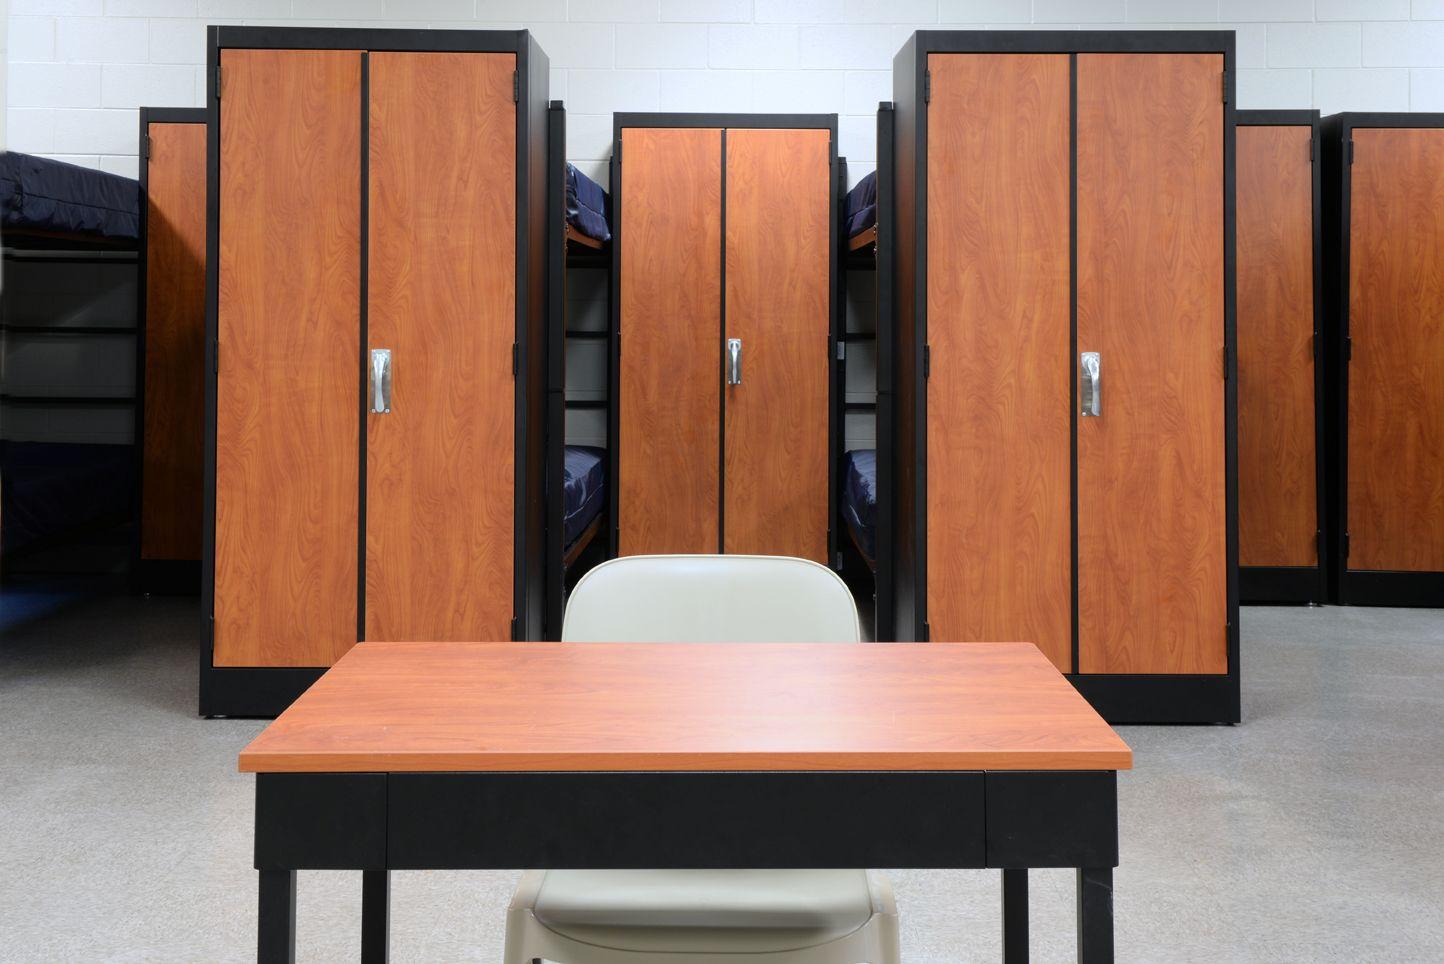 Norix Furniture S Titan Series Dorm Furniture At Camp